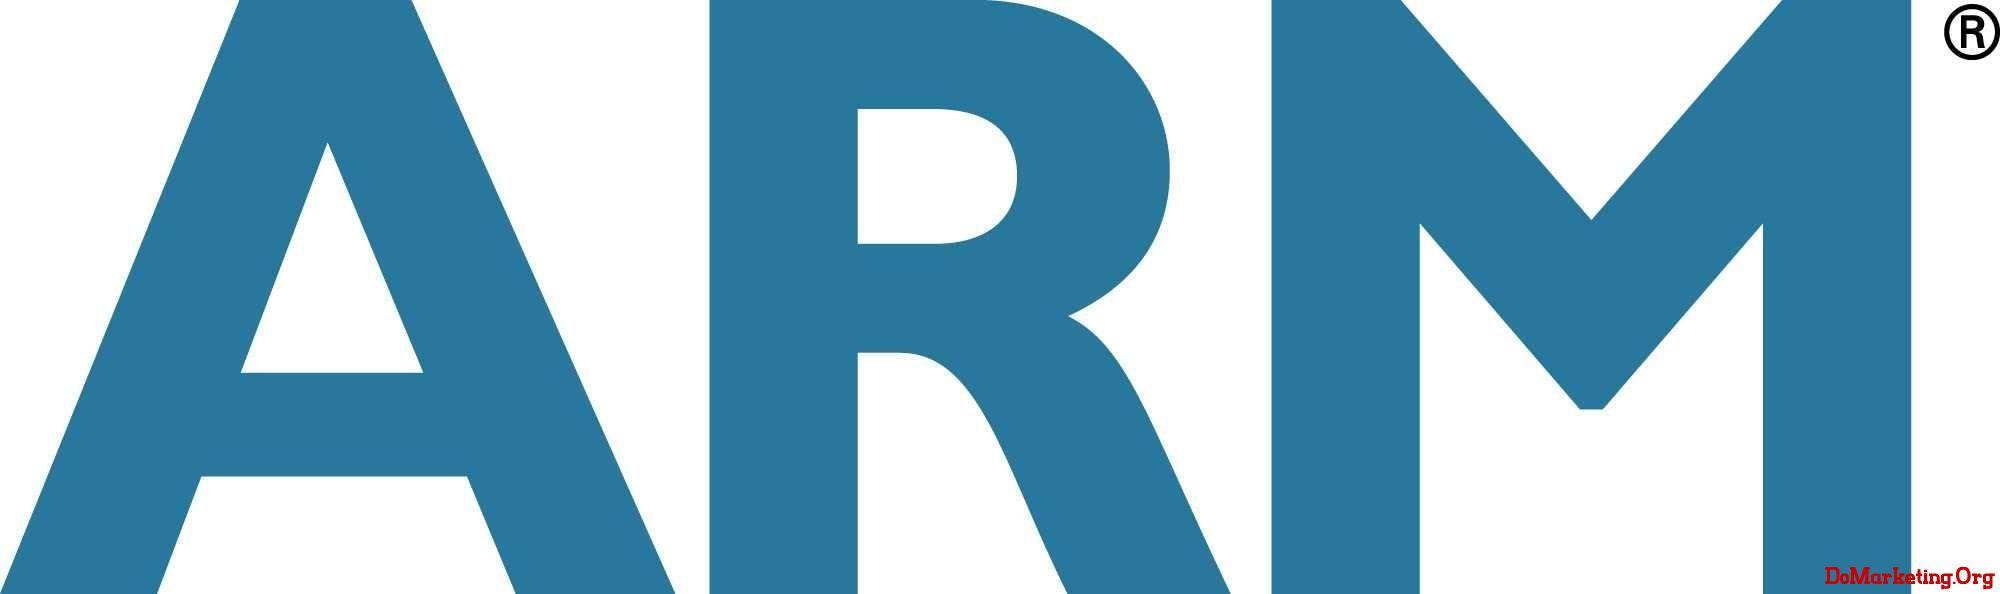 logo 标识 标志 设计 矢量 矢量图 素材 图标 2000_594